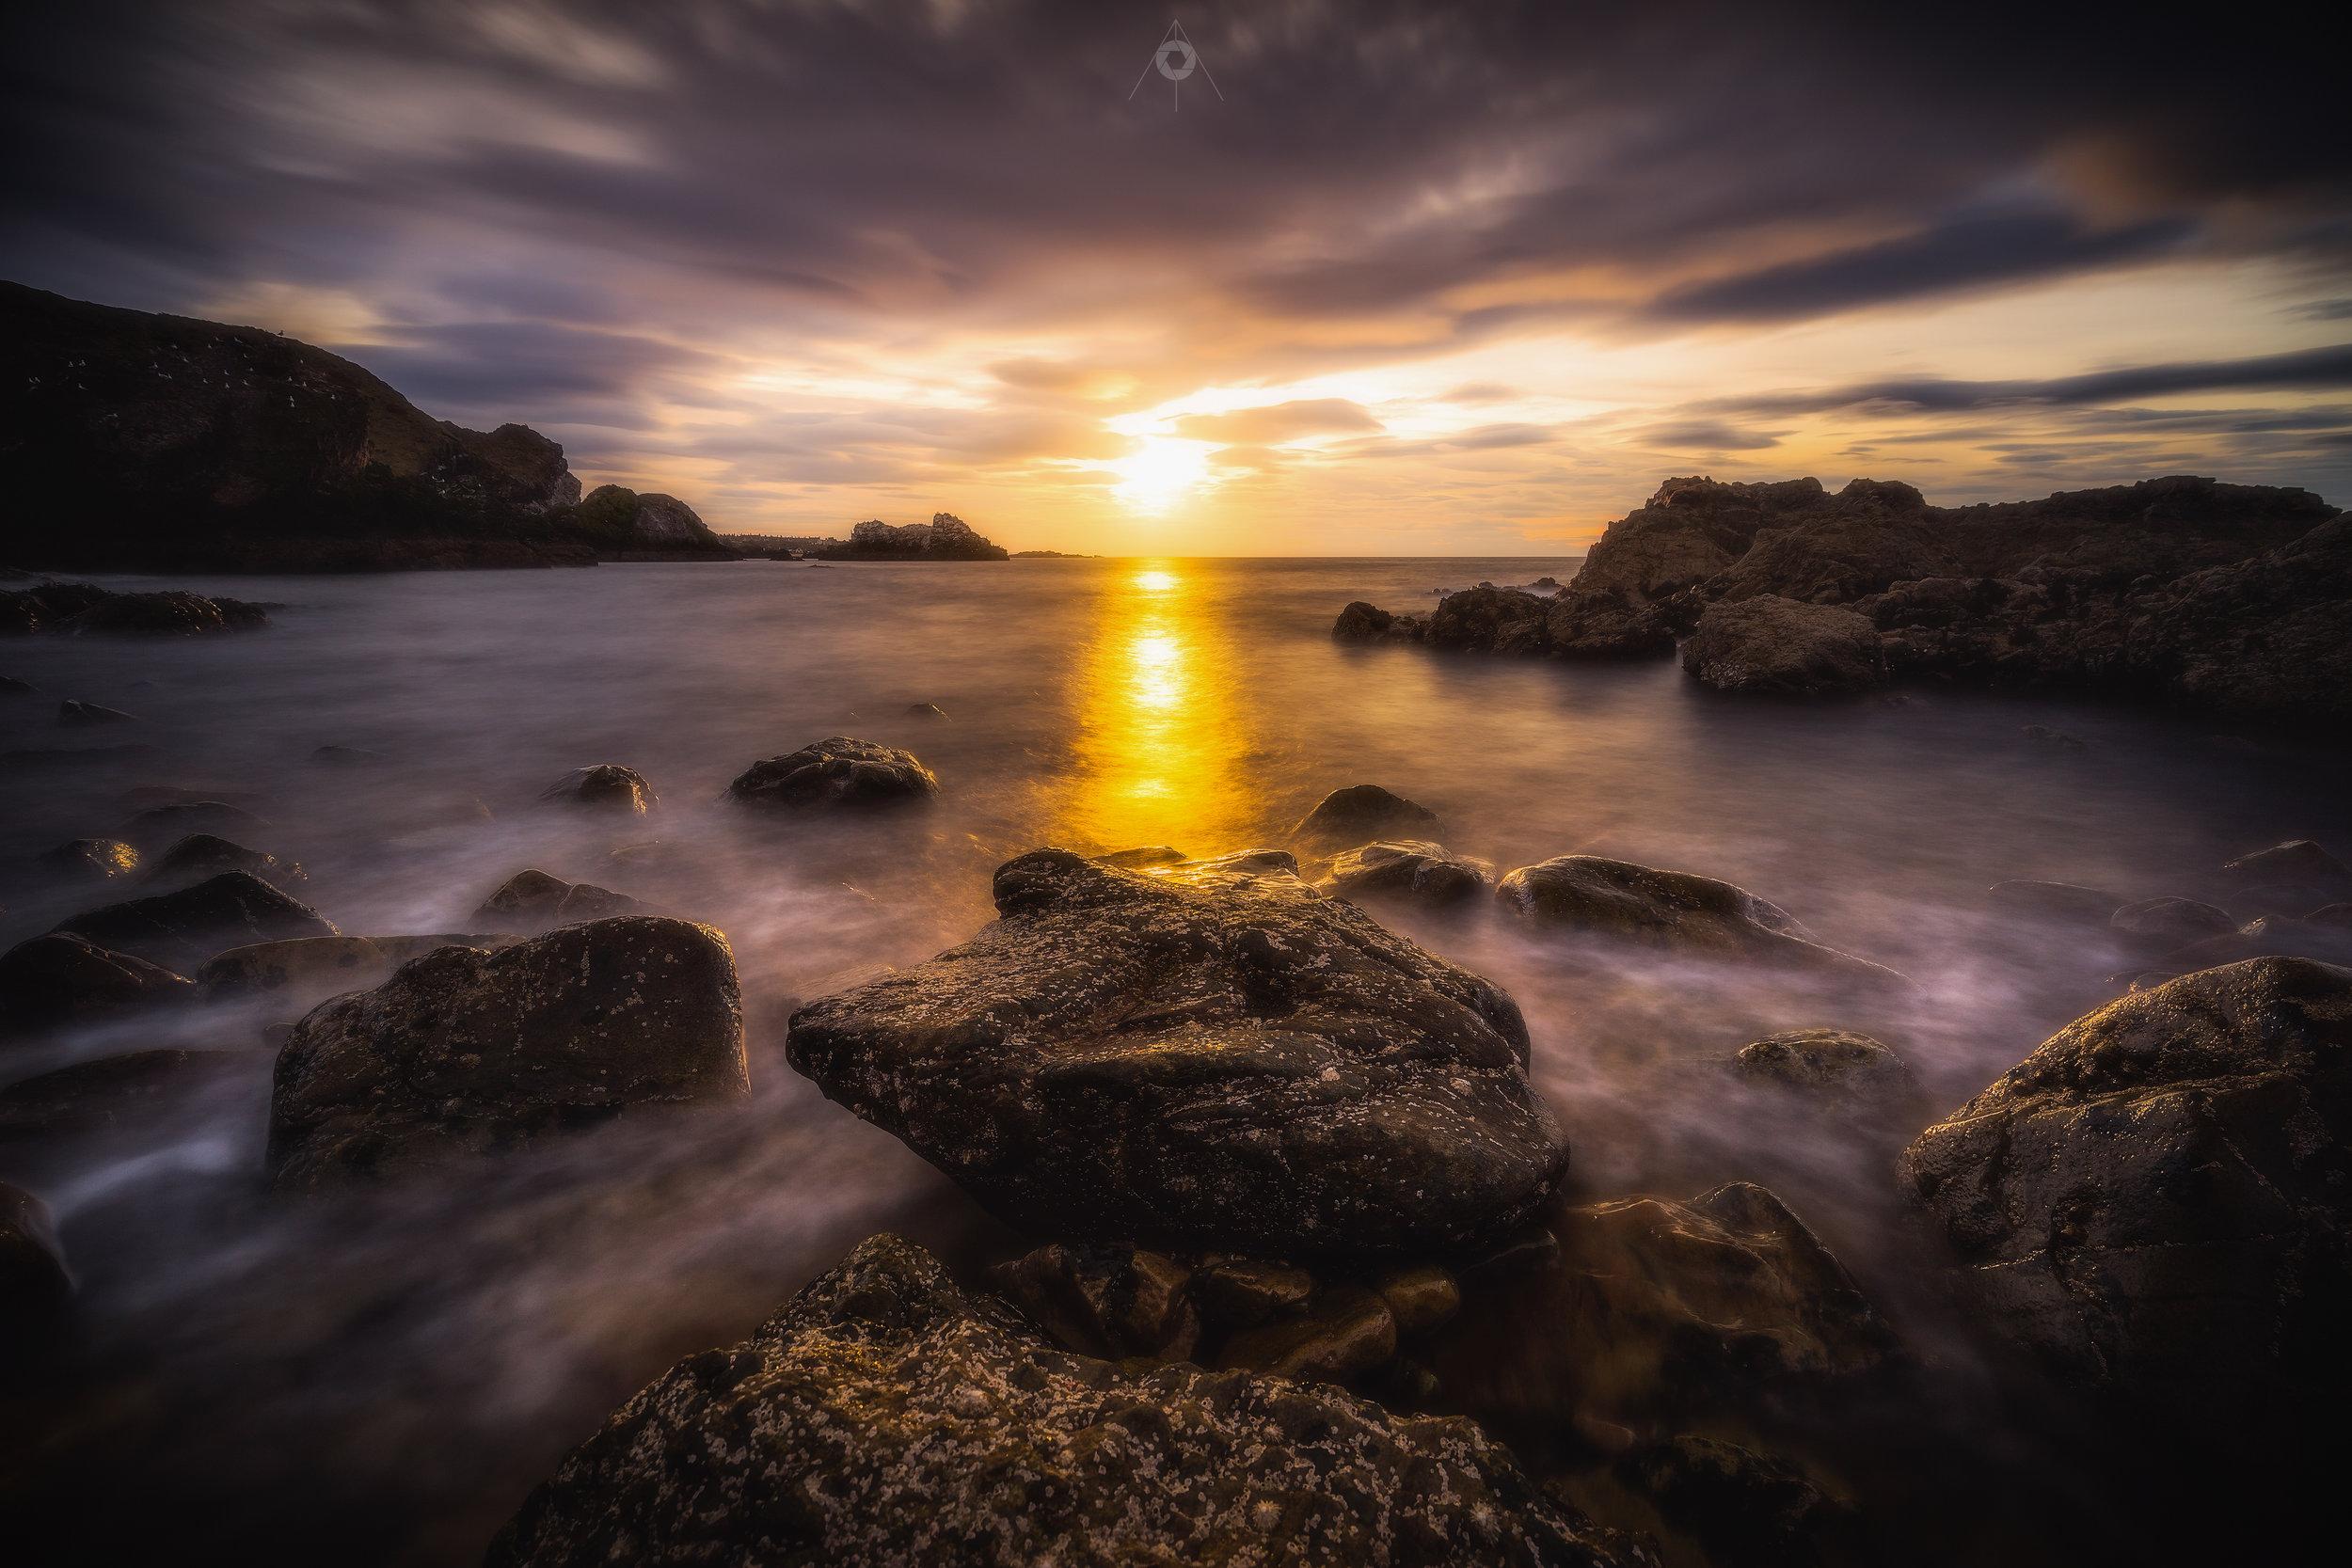 Spotlight on the Rocks